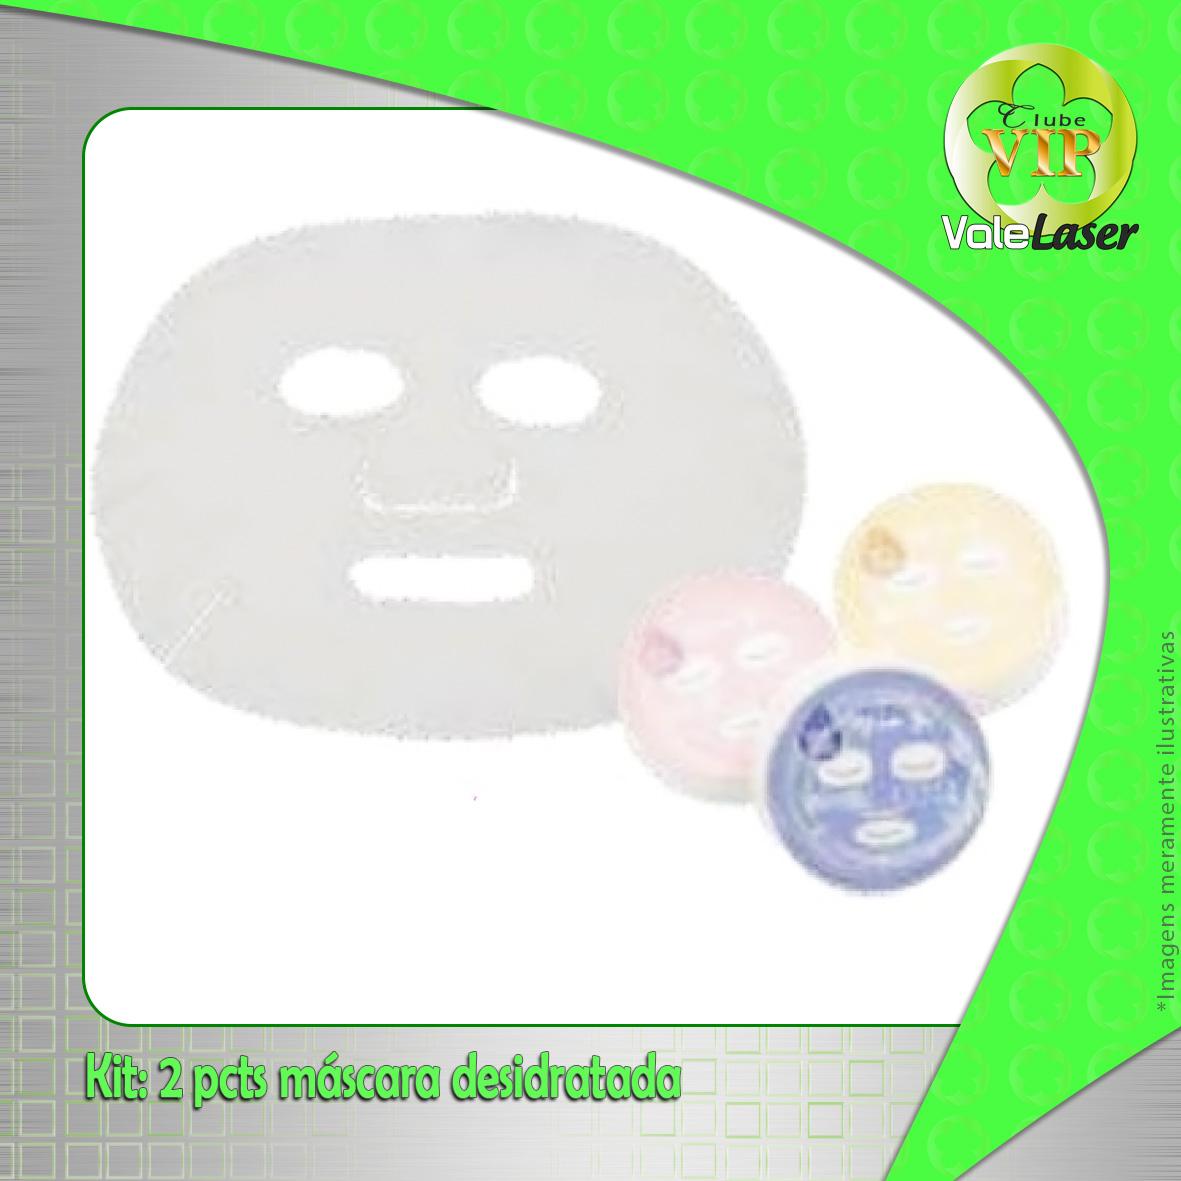 Kit 2 pcts máscara desidratada